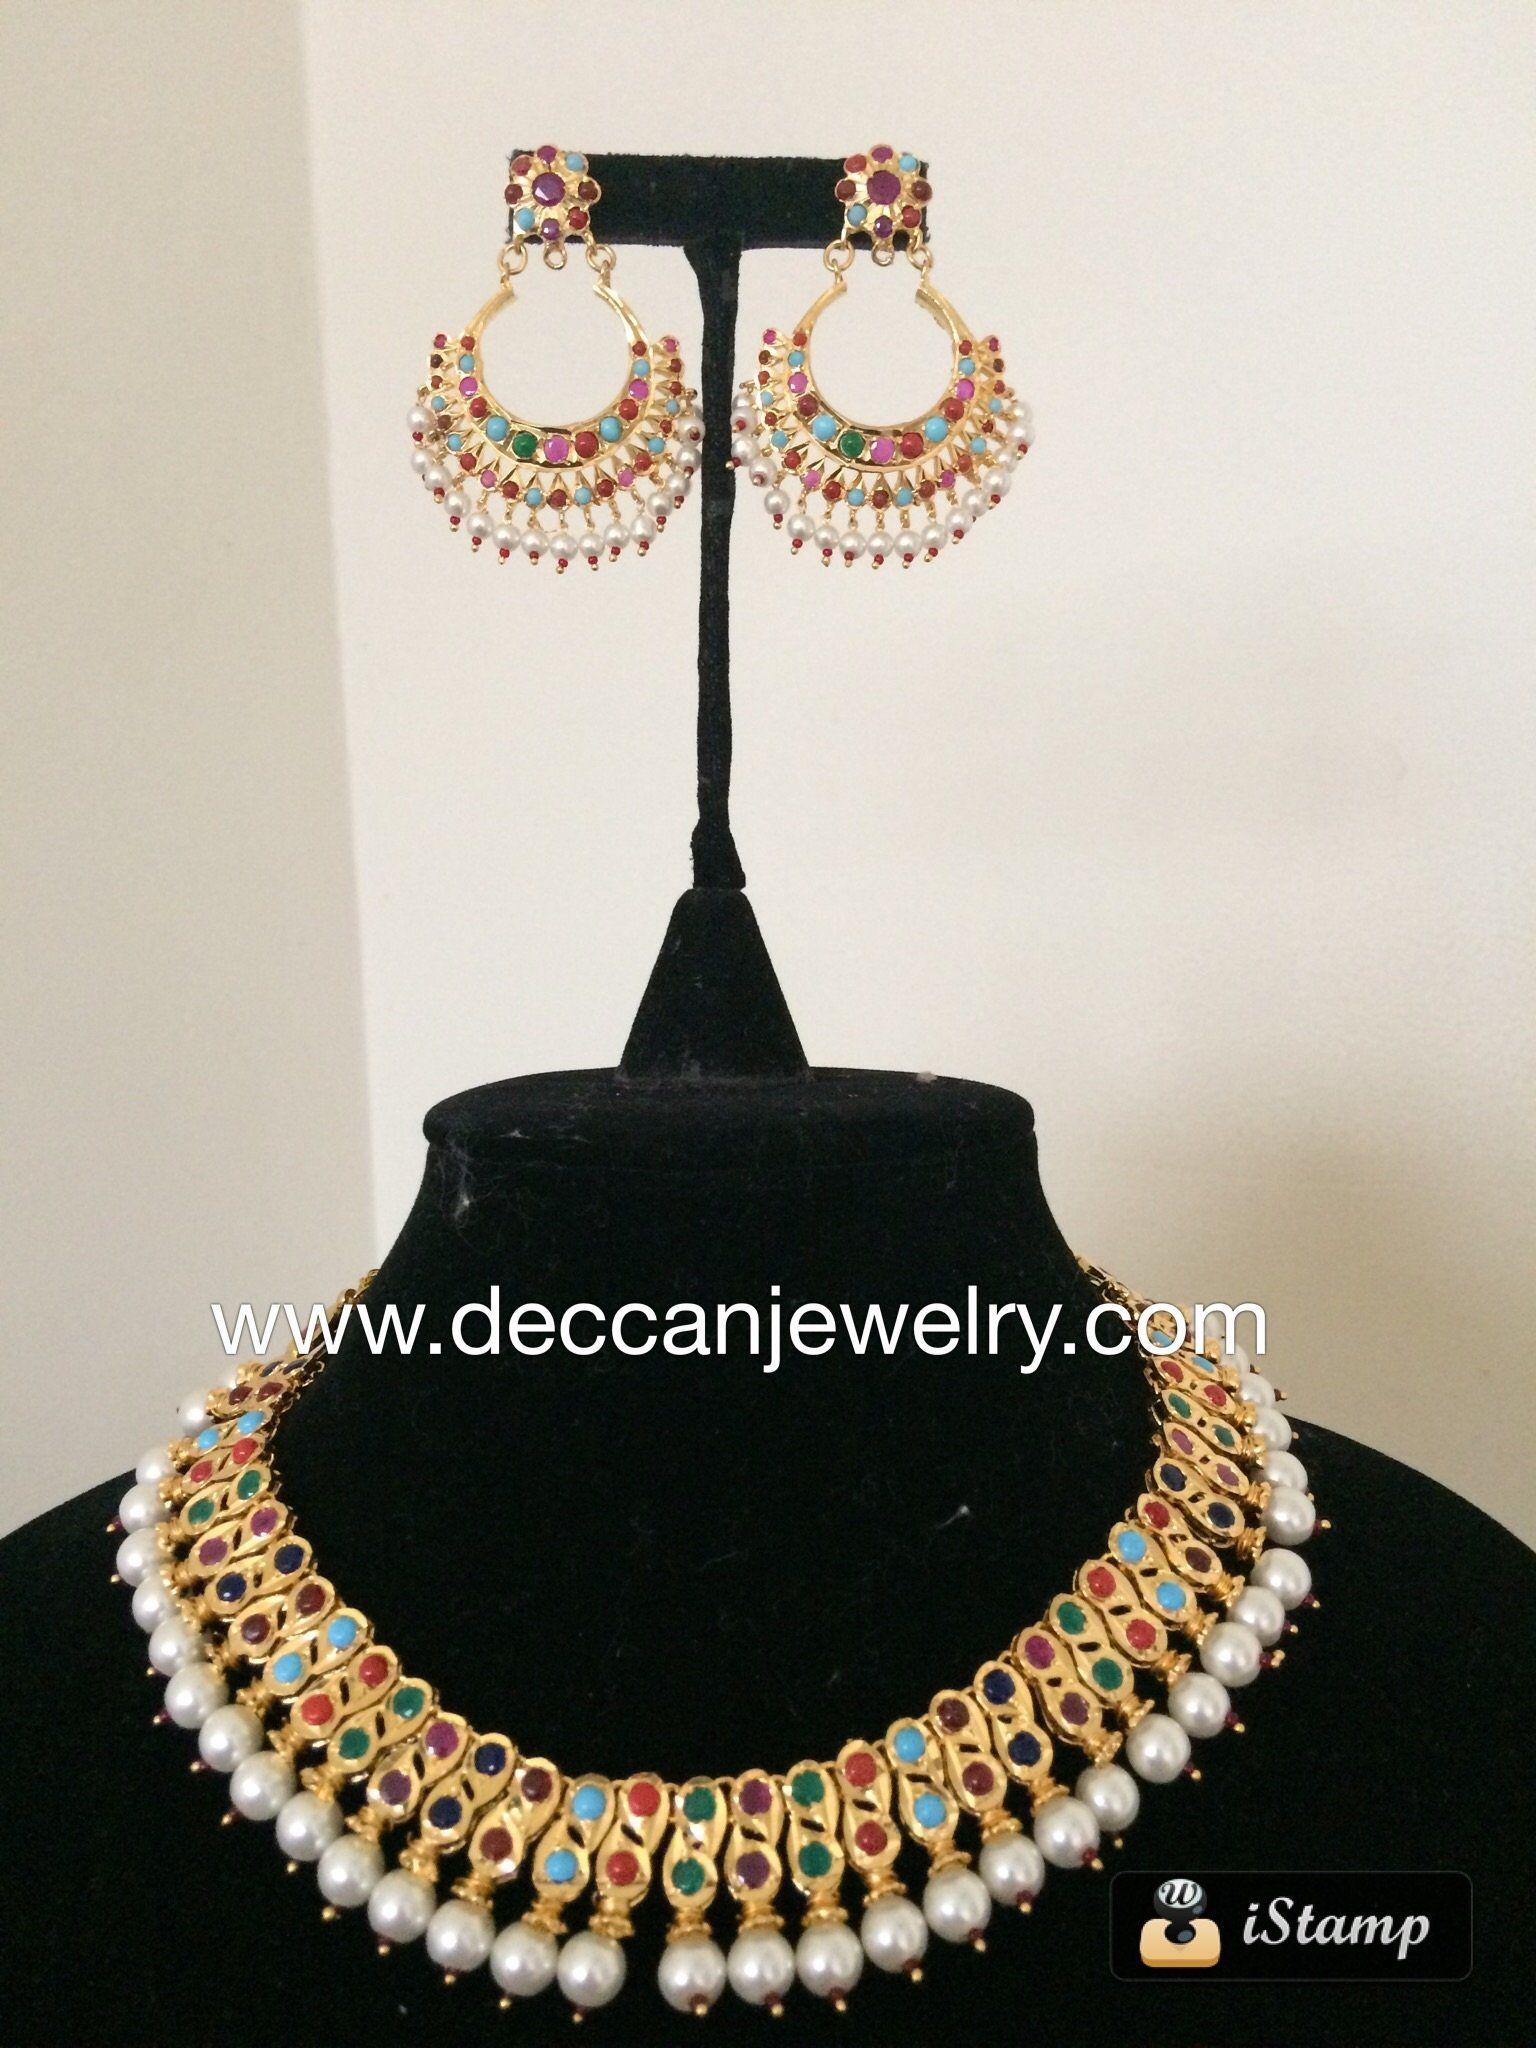 Navratan multicolor hyderabadi barfi necklace set with chandbali